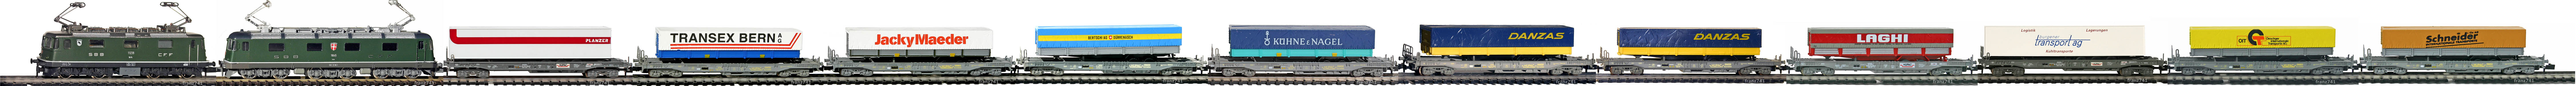 Epoche-IV-SBB-HUPAC-Auflieger-Gueterzug_Re-10-10-Elok-Taschenrwagen-Typ-Sdkmms